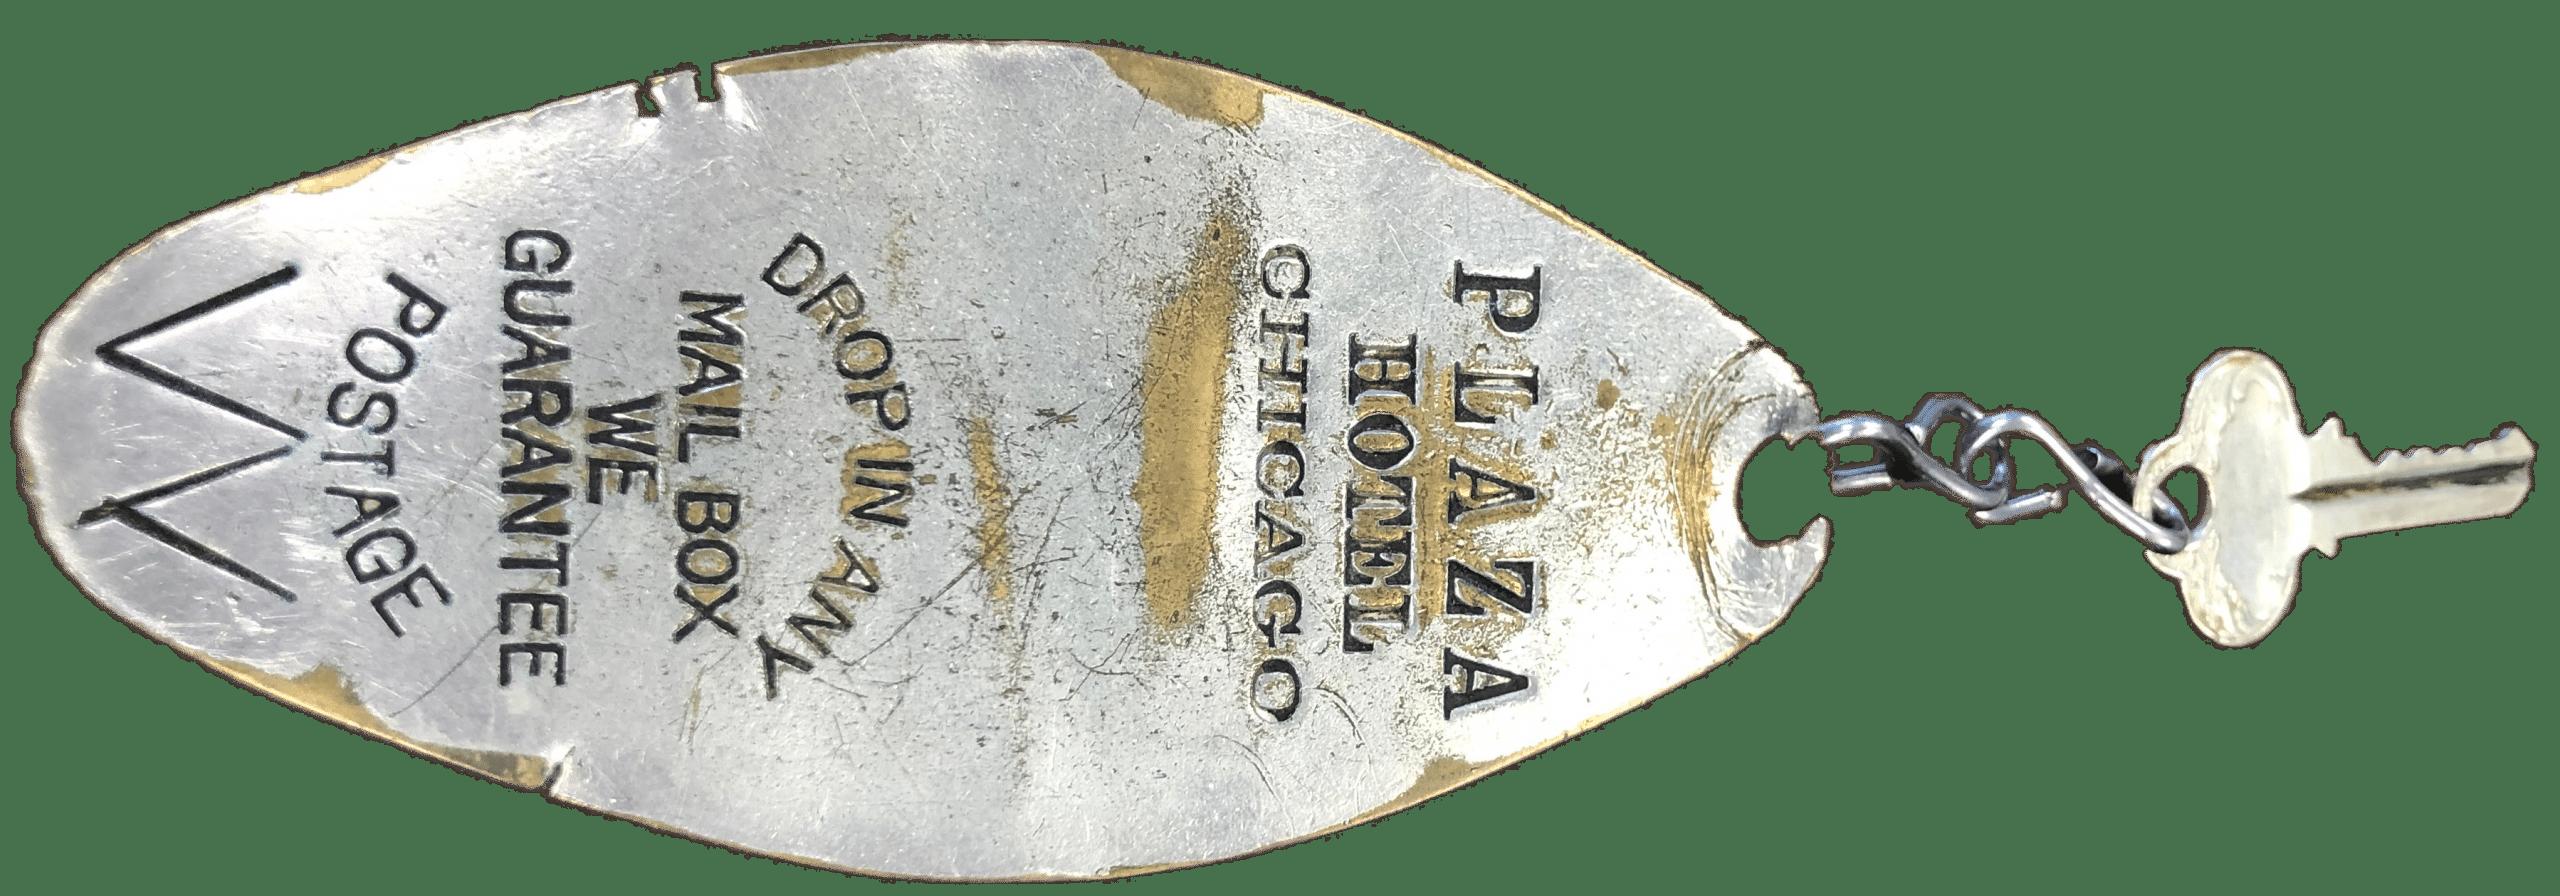 Plaza Hotel Key